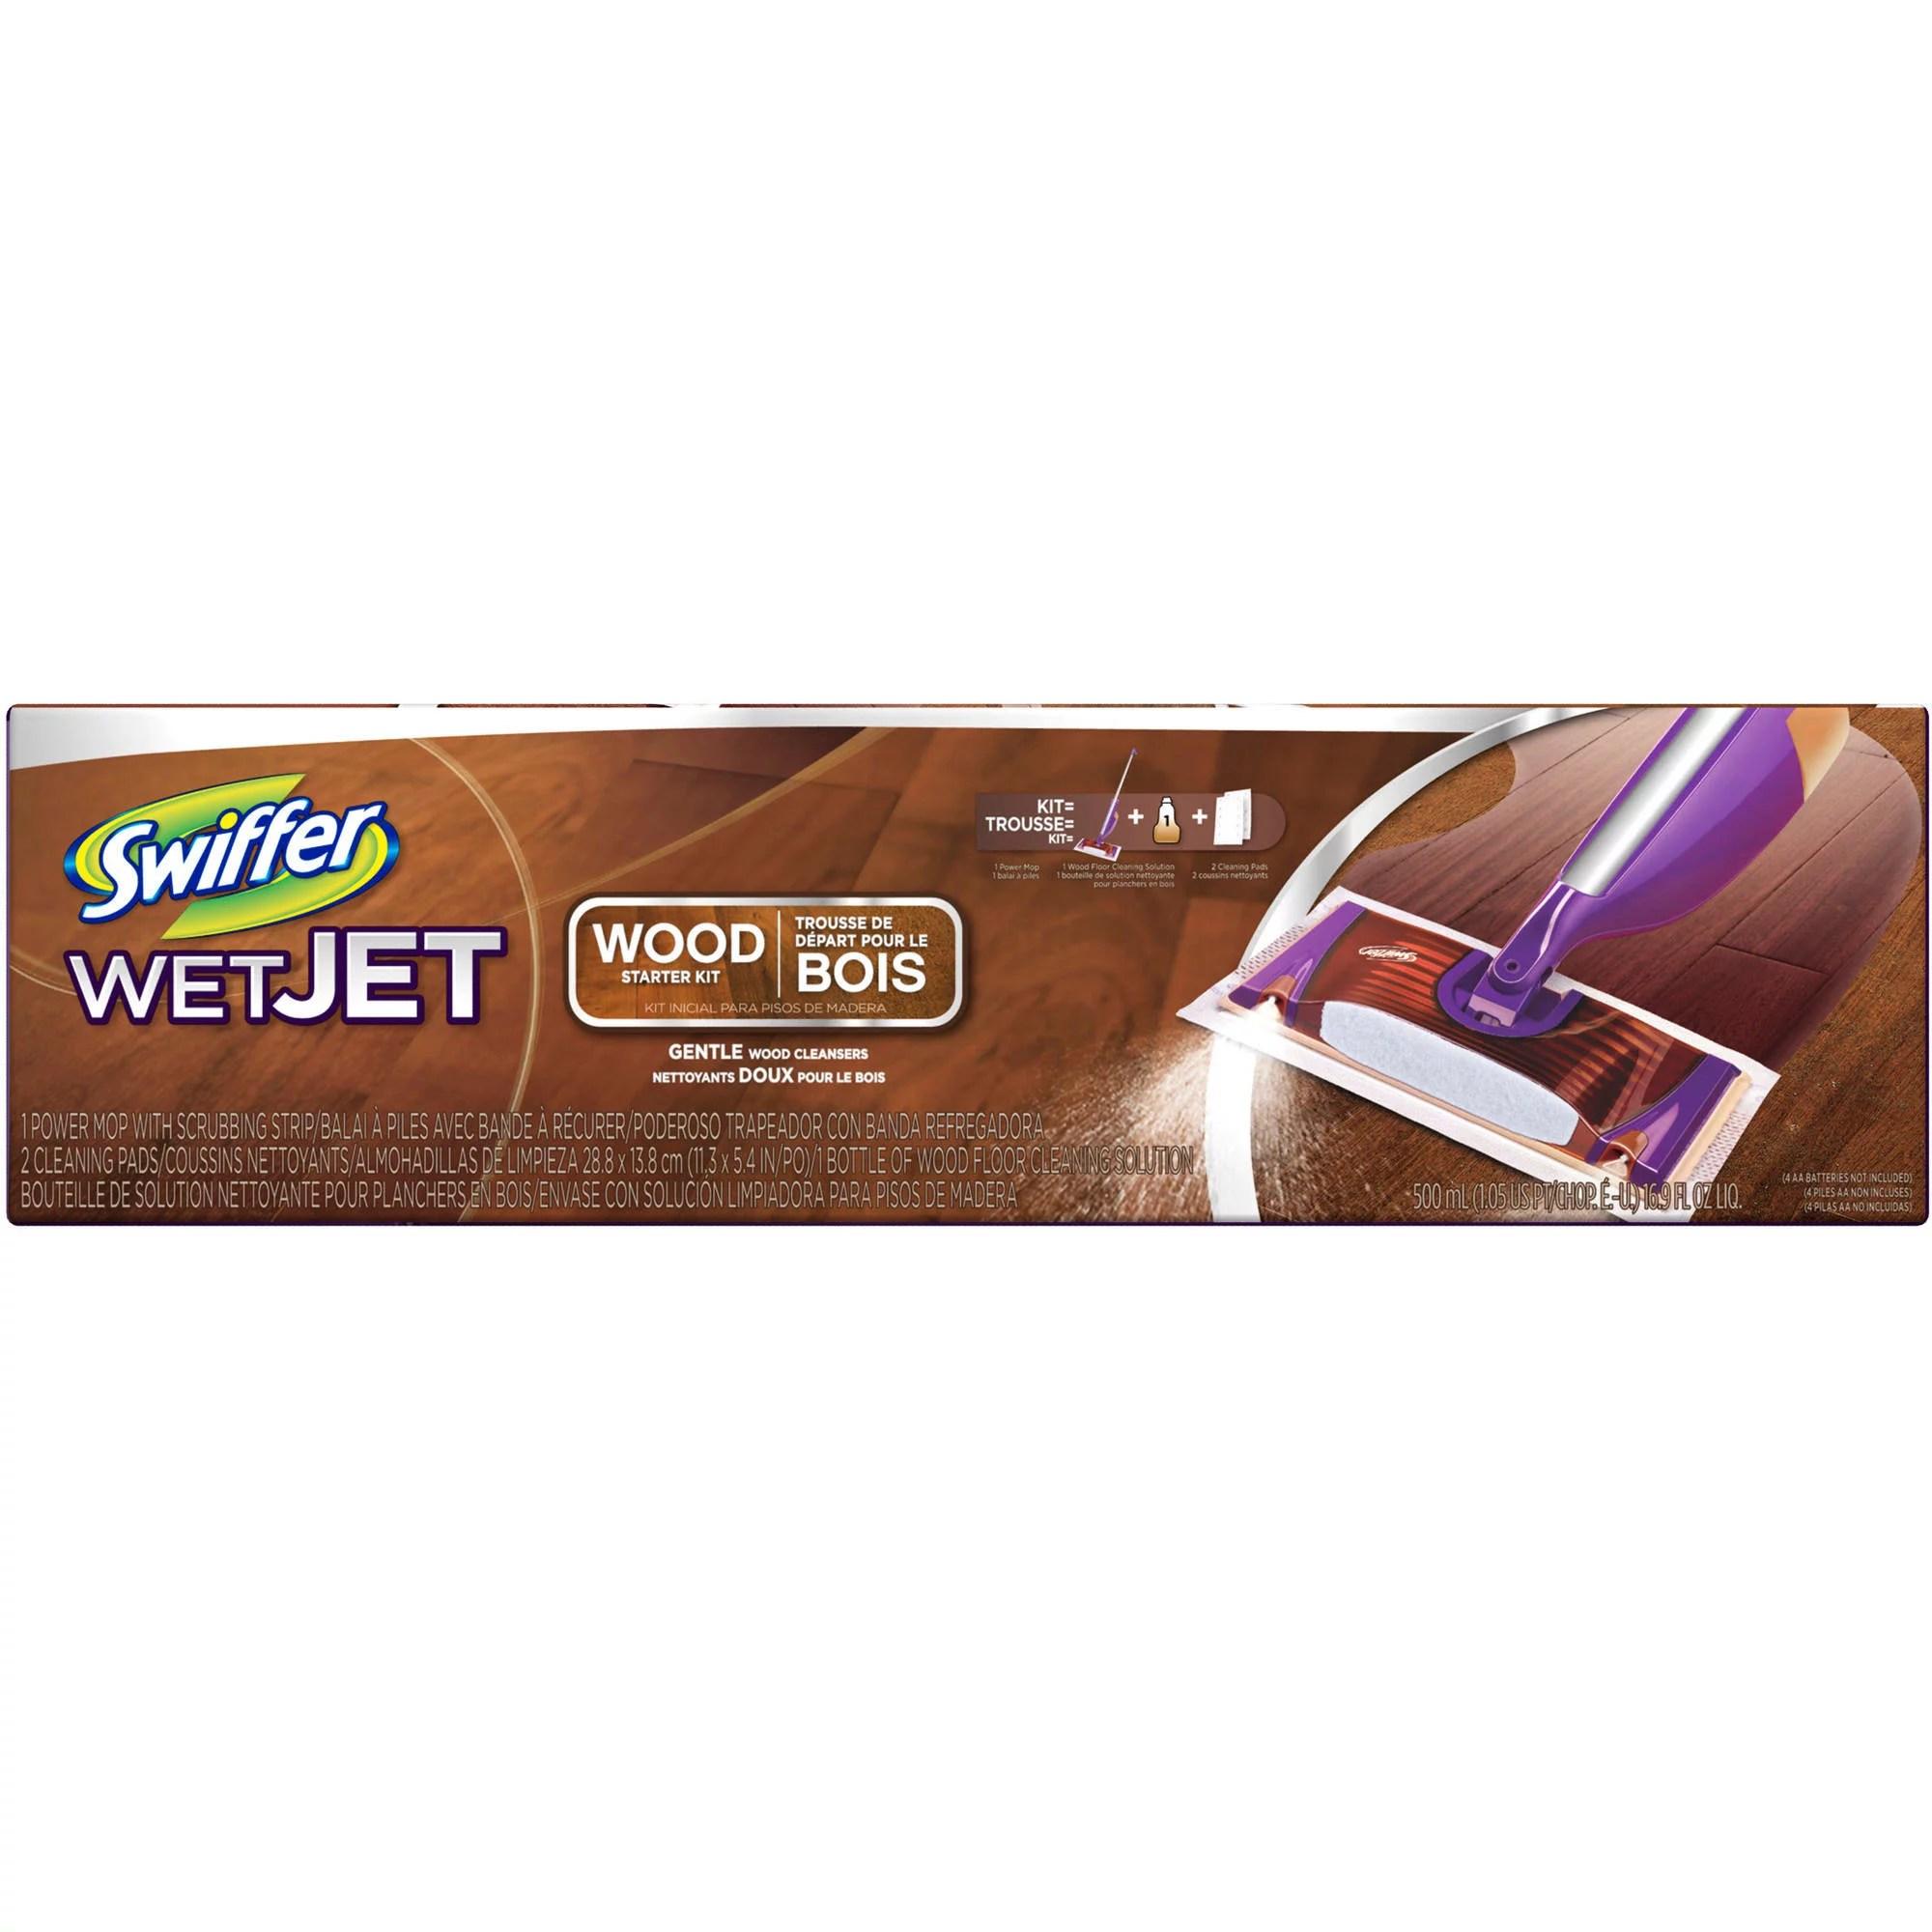 Swiffer Wet Jet Wood Starter Kit